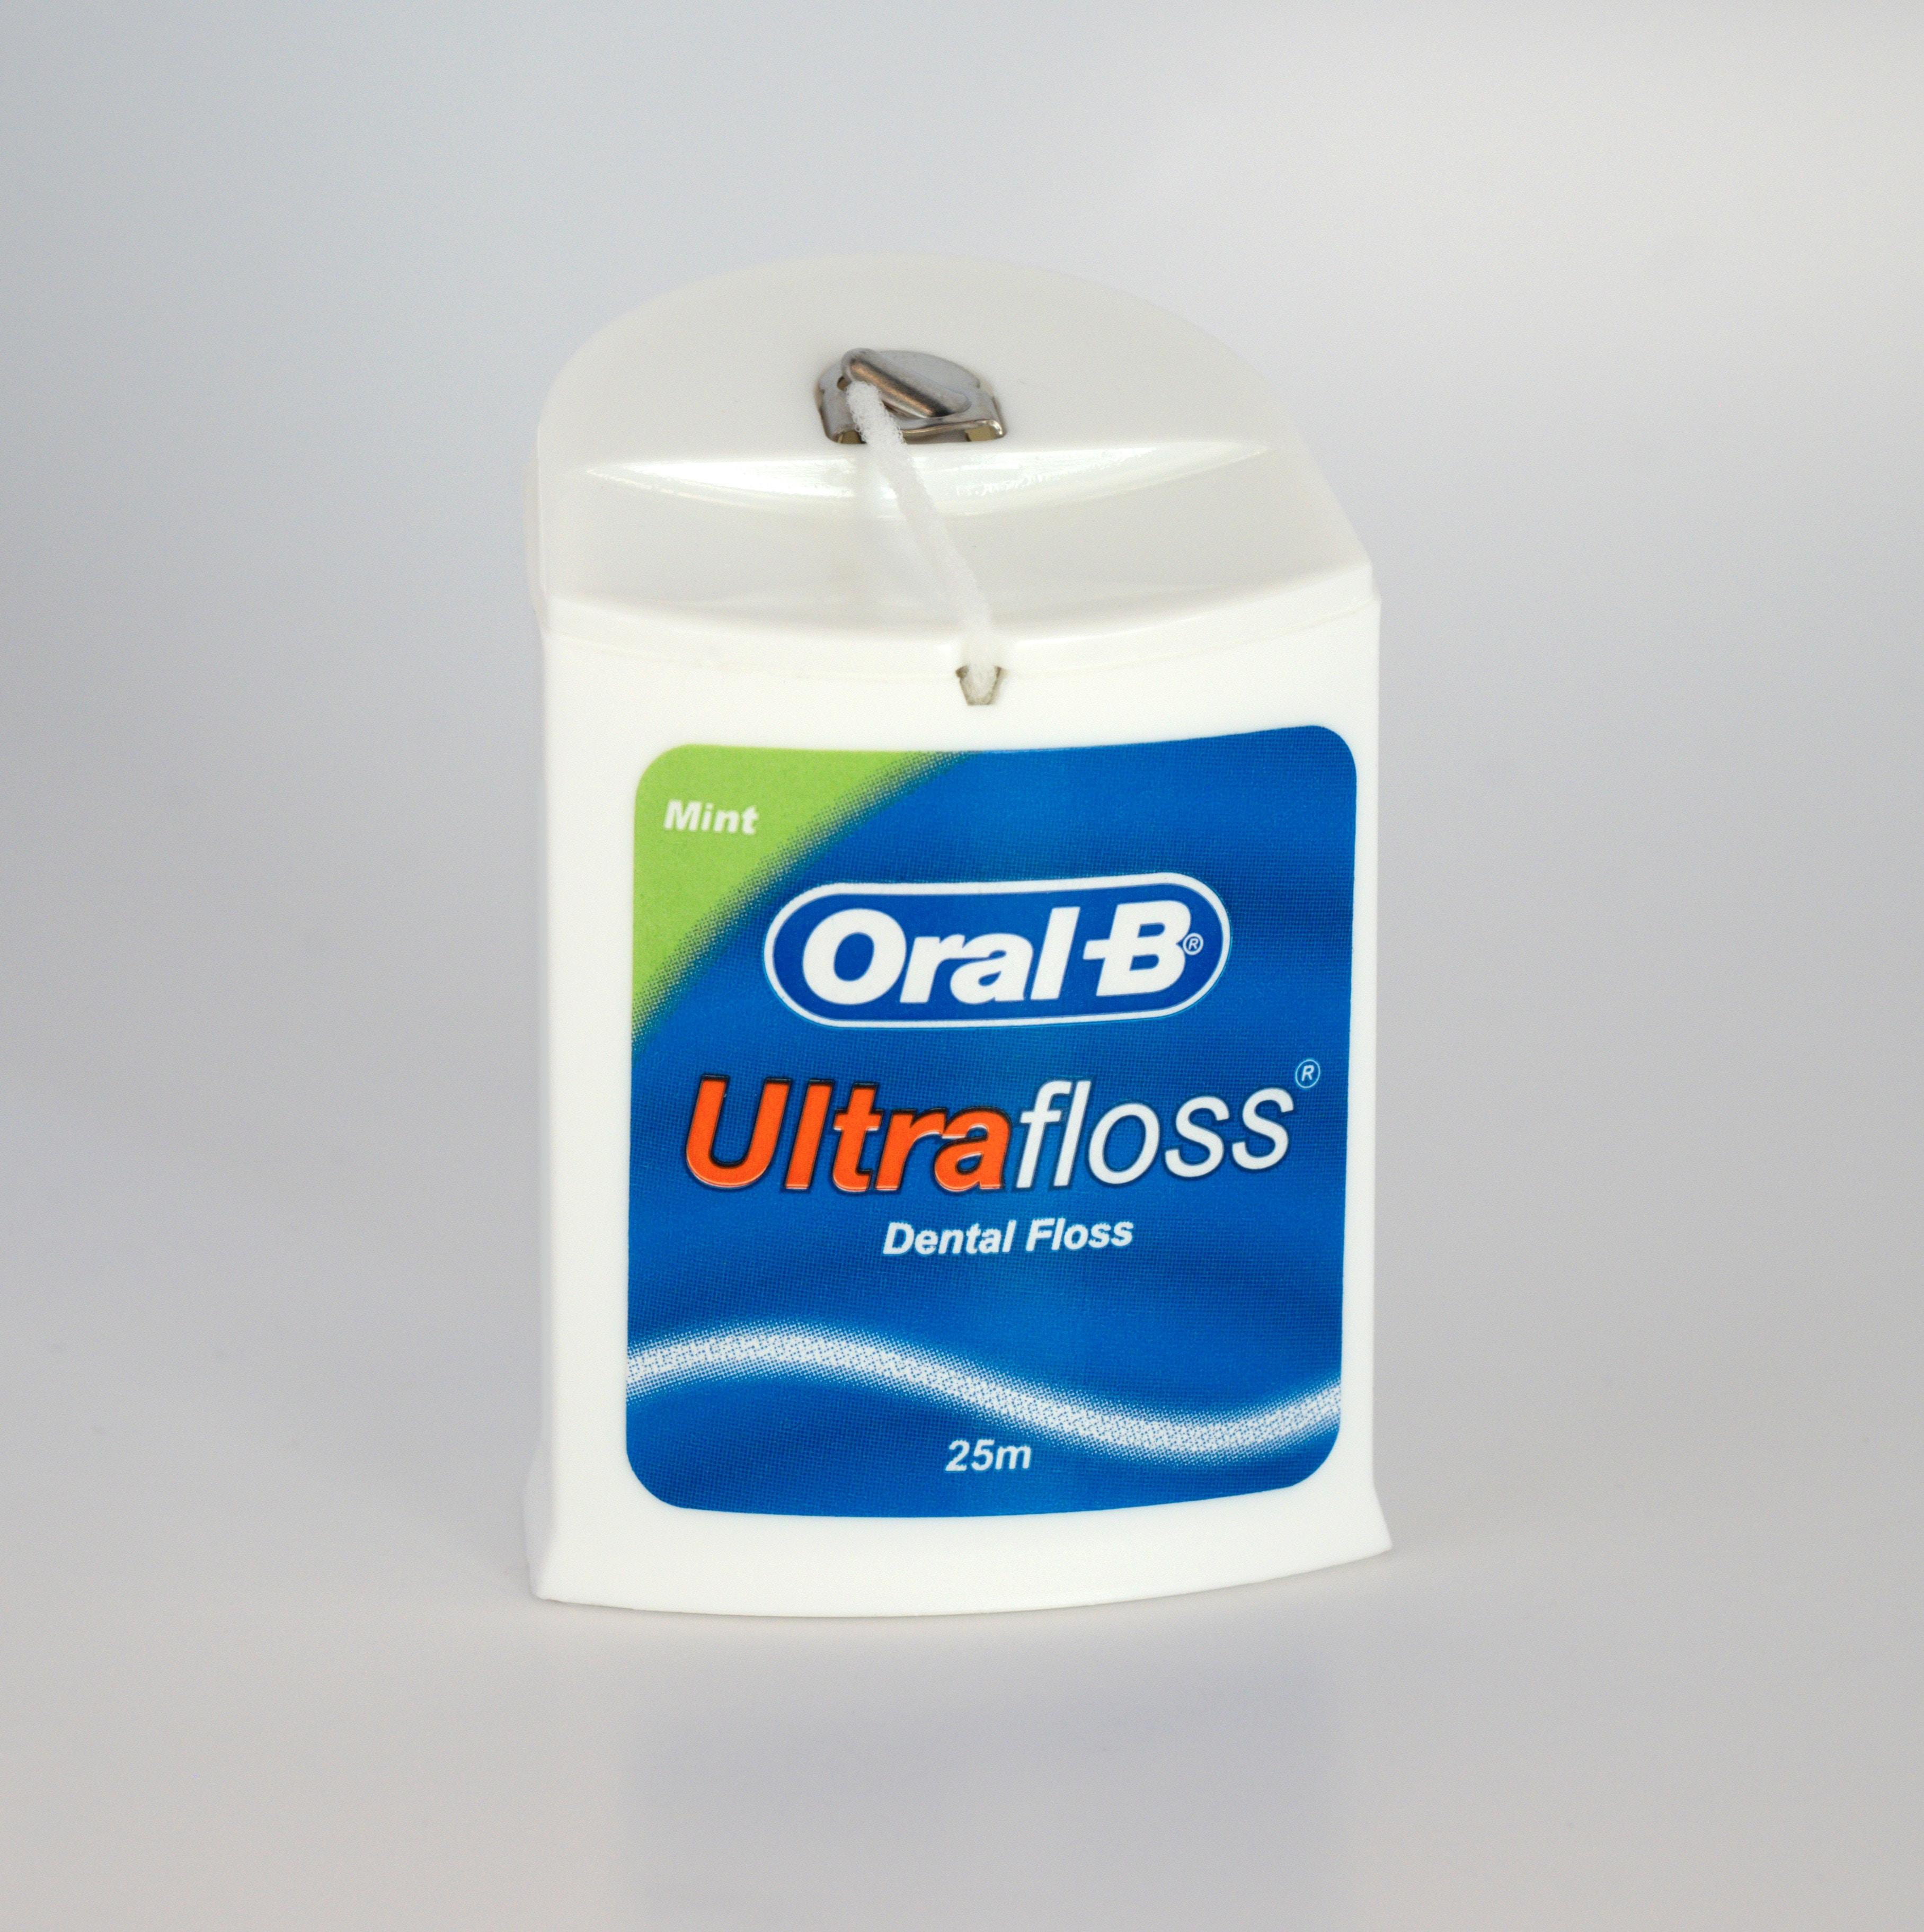 推薦 推薦,維持器 價錢,缺點 費用,牙齒 透明矯正,牙齒 價錢,價格 透明牙套,效果 價格,價格 品牌,透明牙套 費用,缺點 牙齒